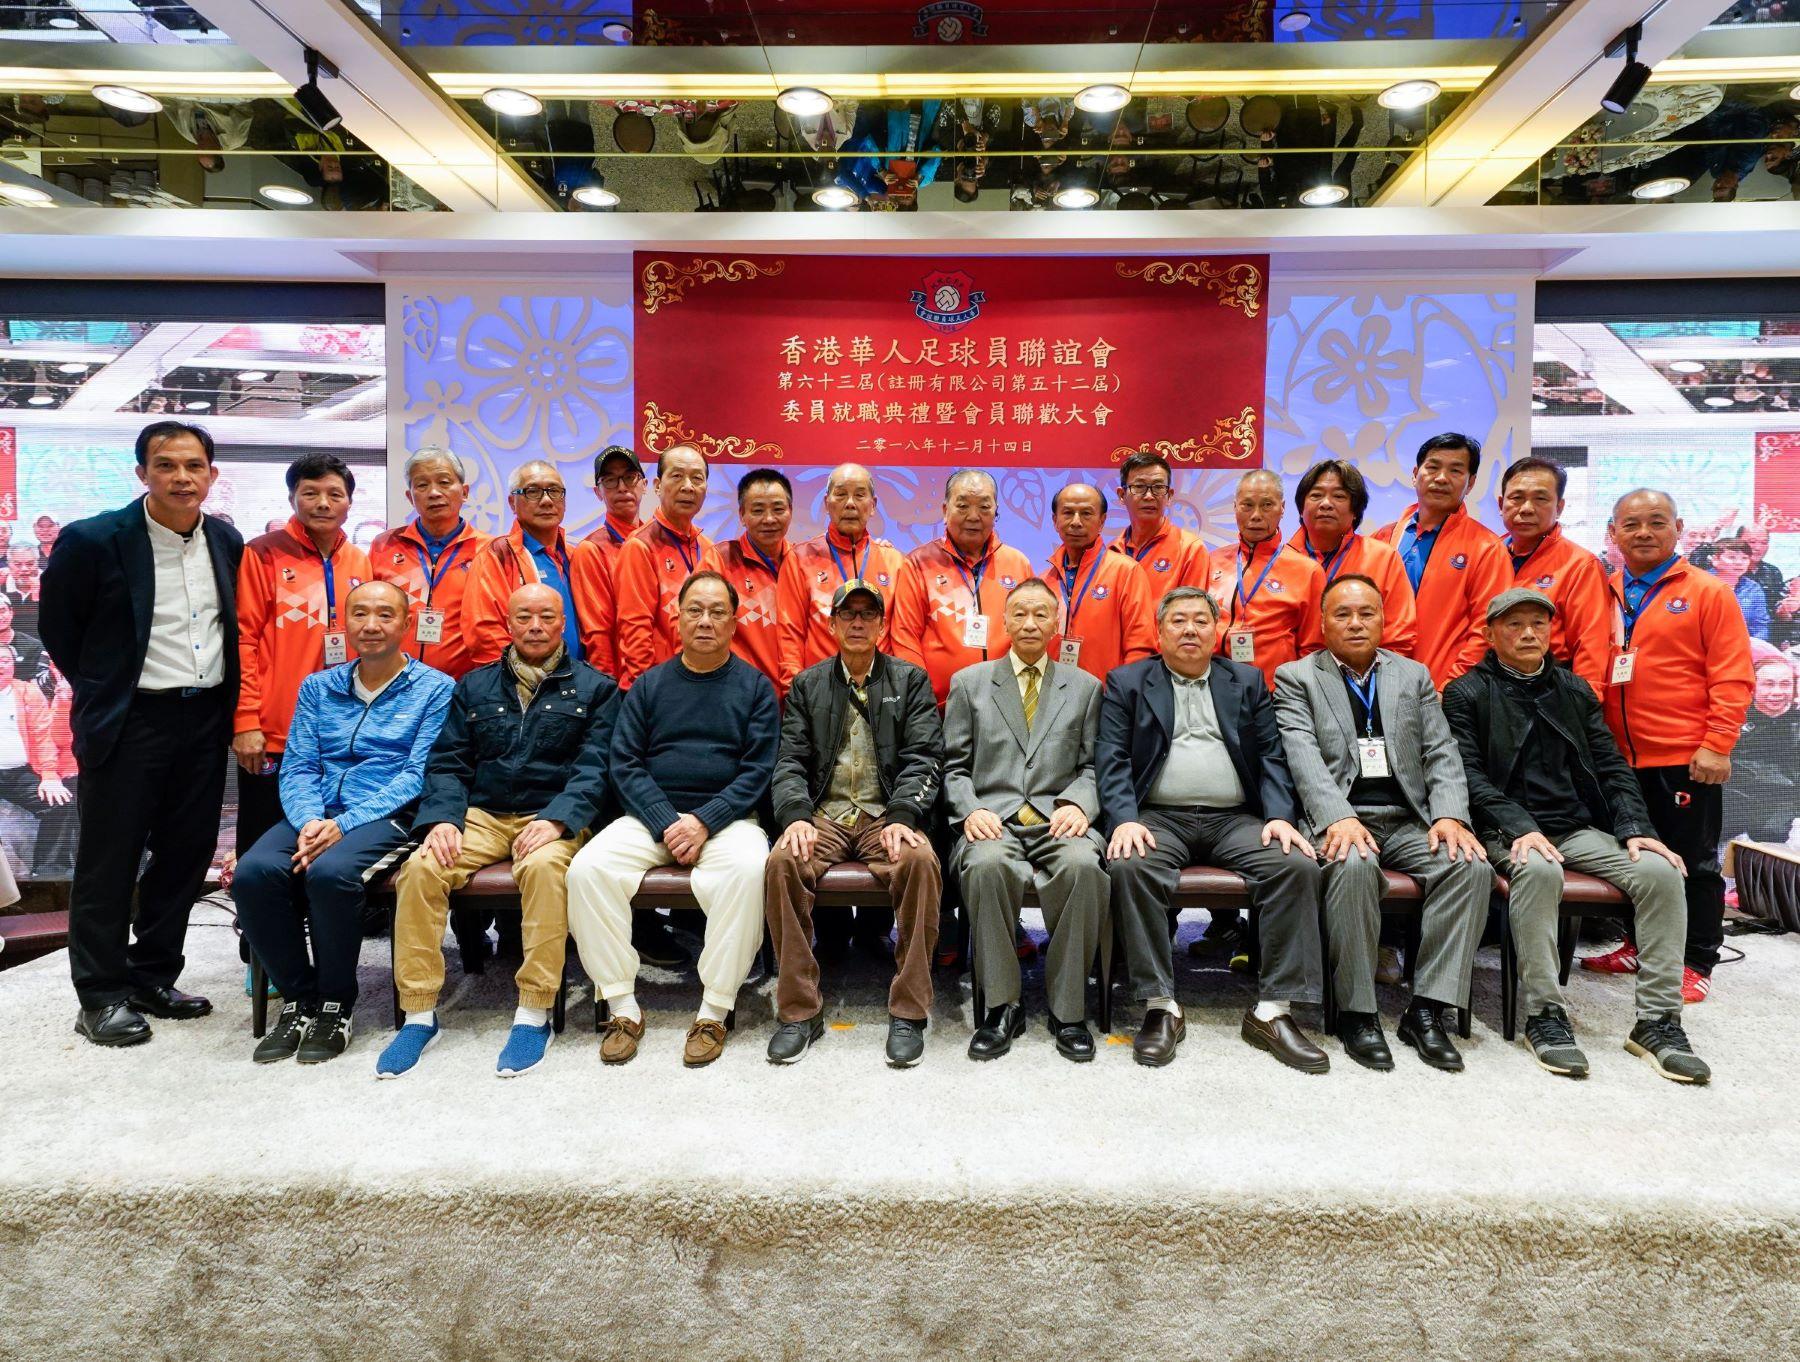 2018-12-14 (第63屆)香港華人足球會63rd 聯歡大會001